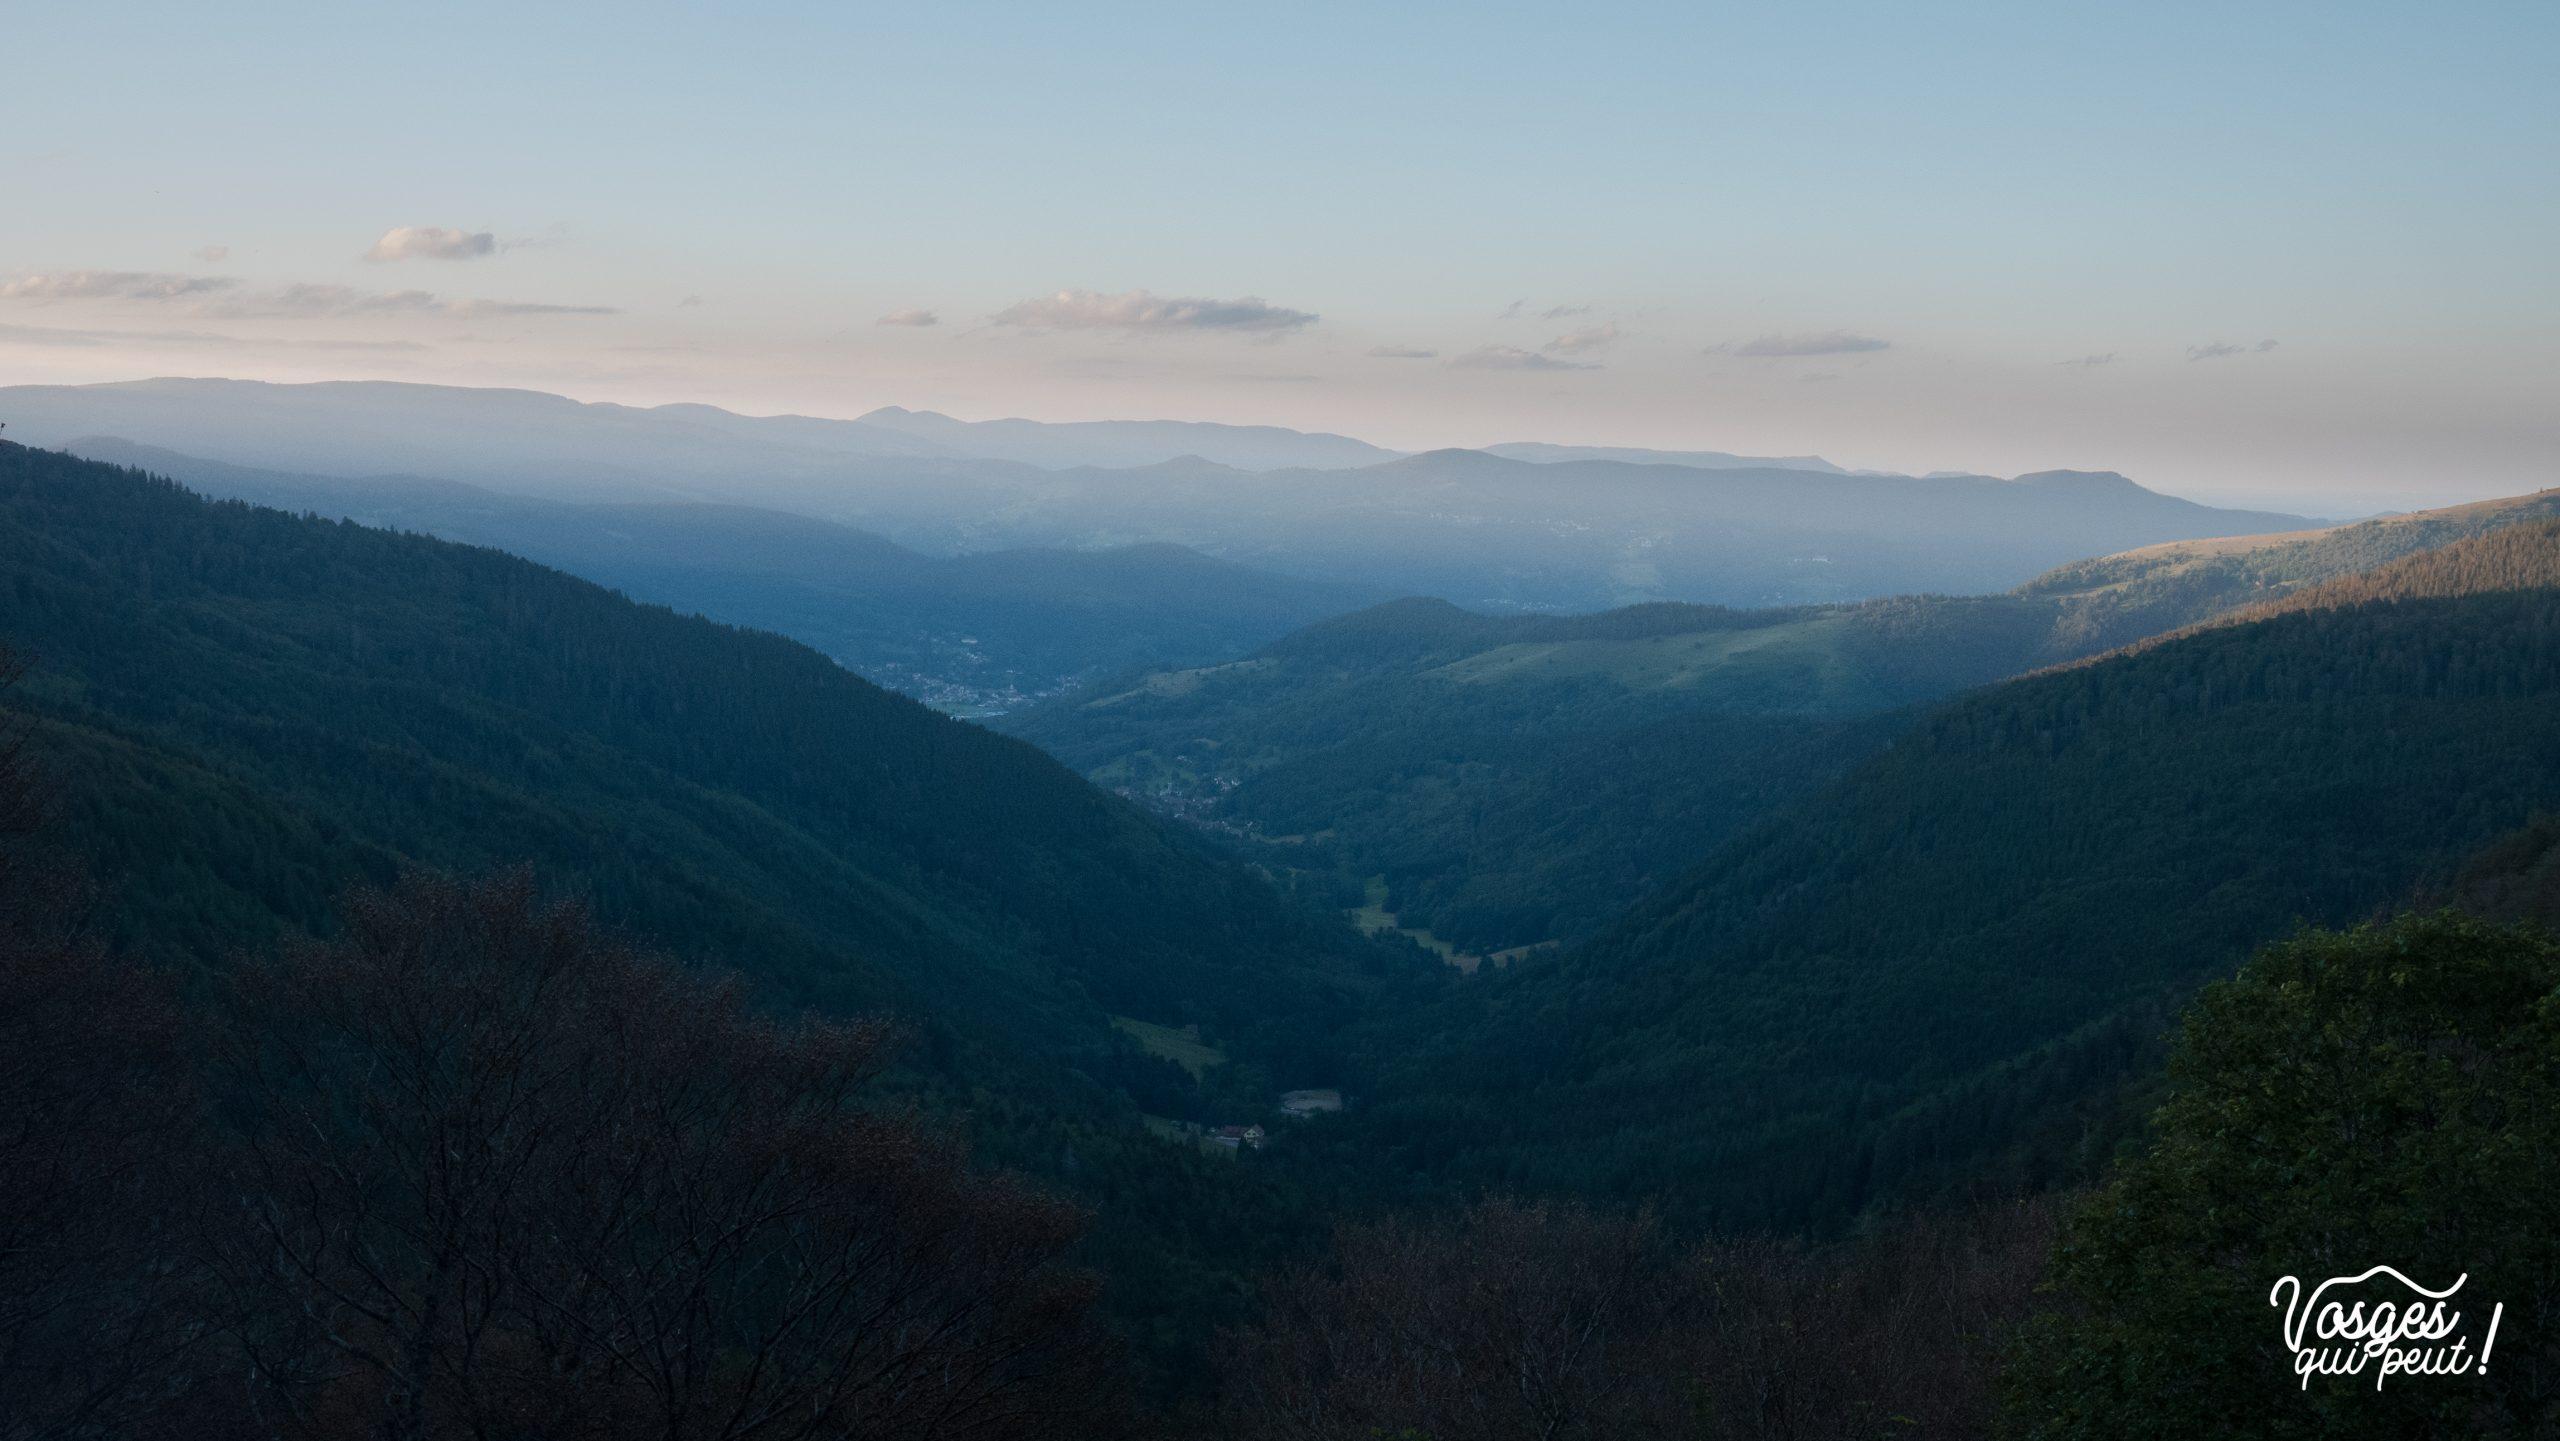 Le soleil se couche sur la chaîne des Vosges